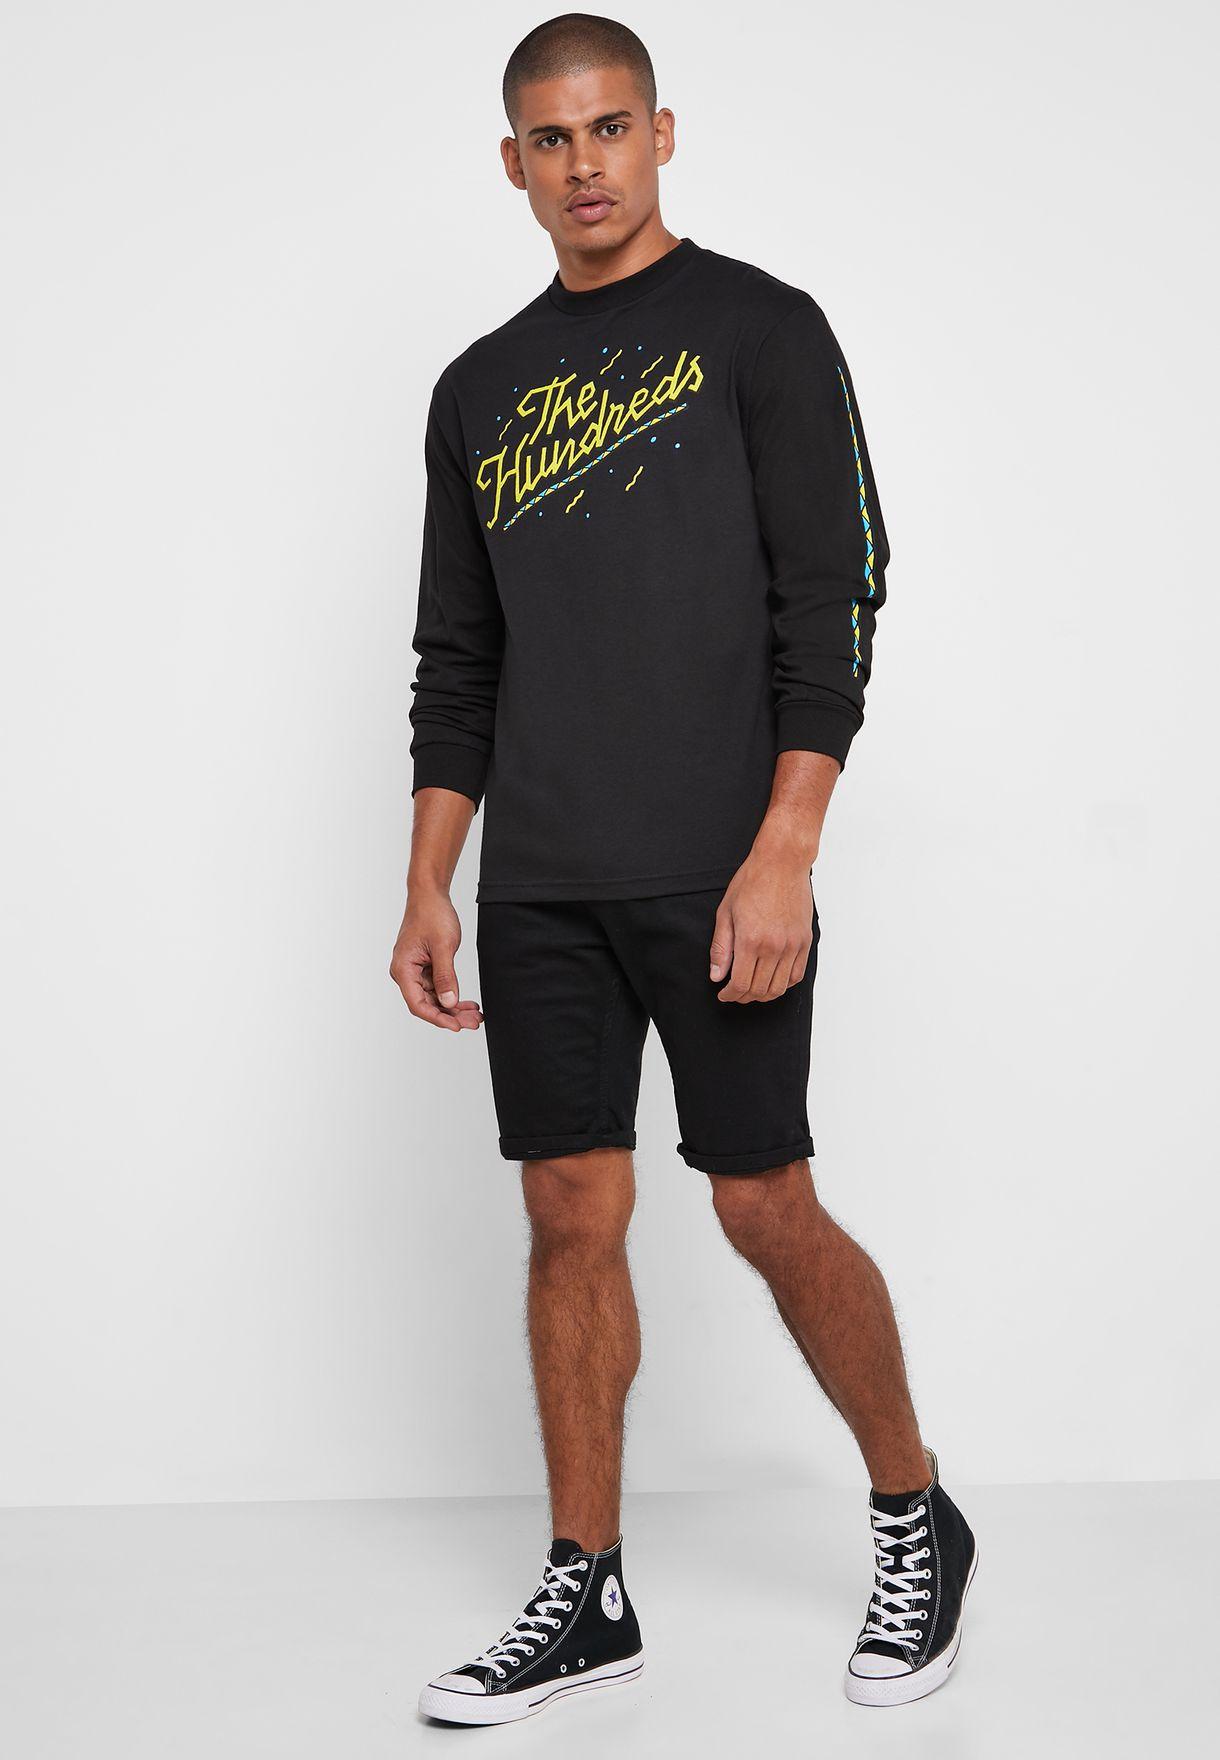 Beach Slant T-Shirt